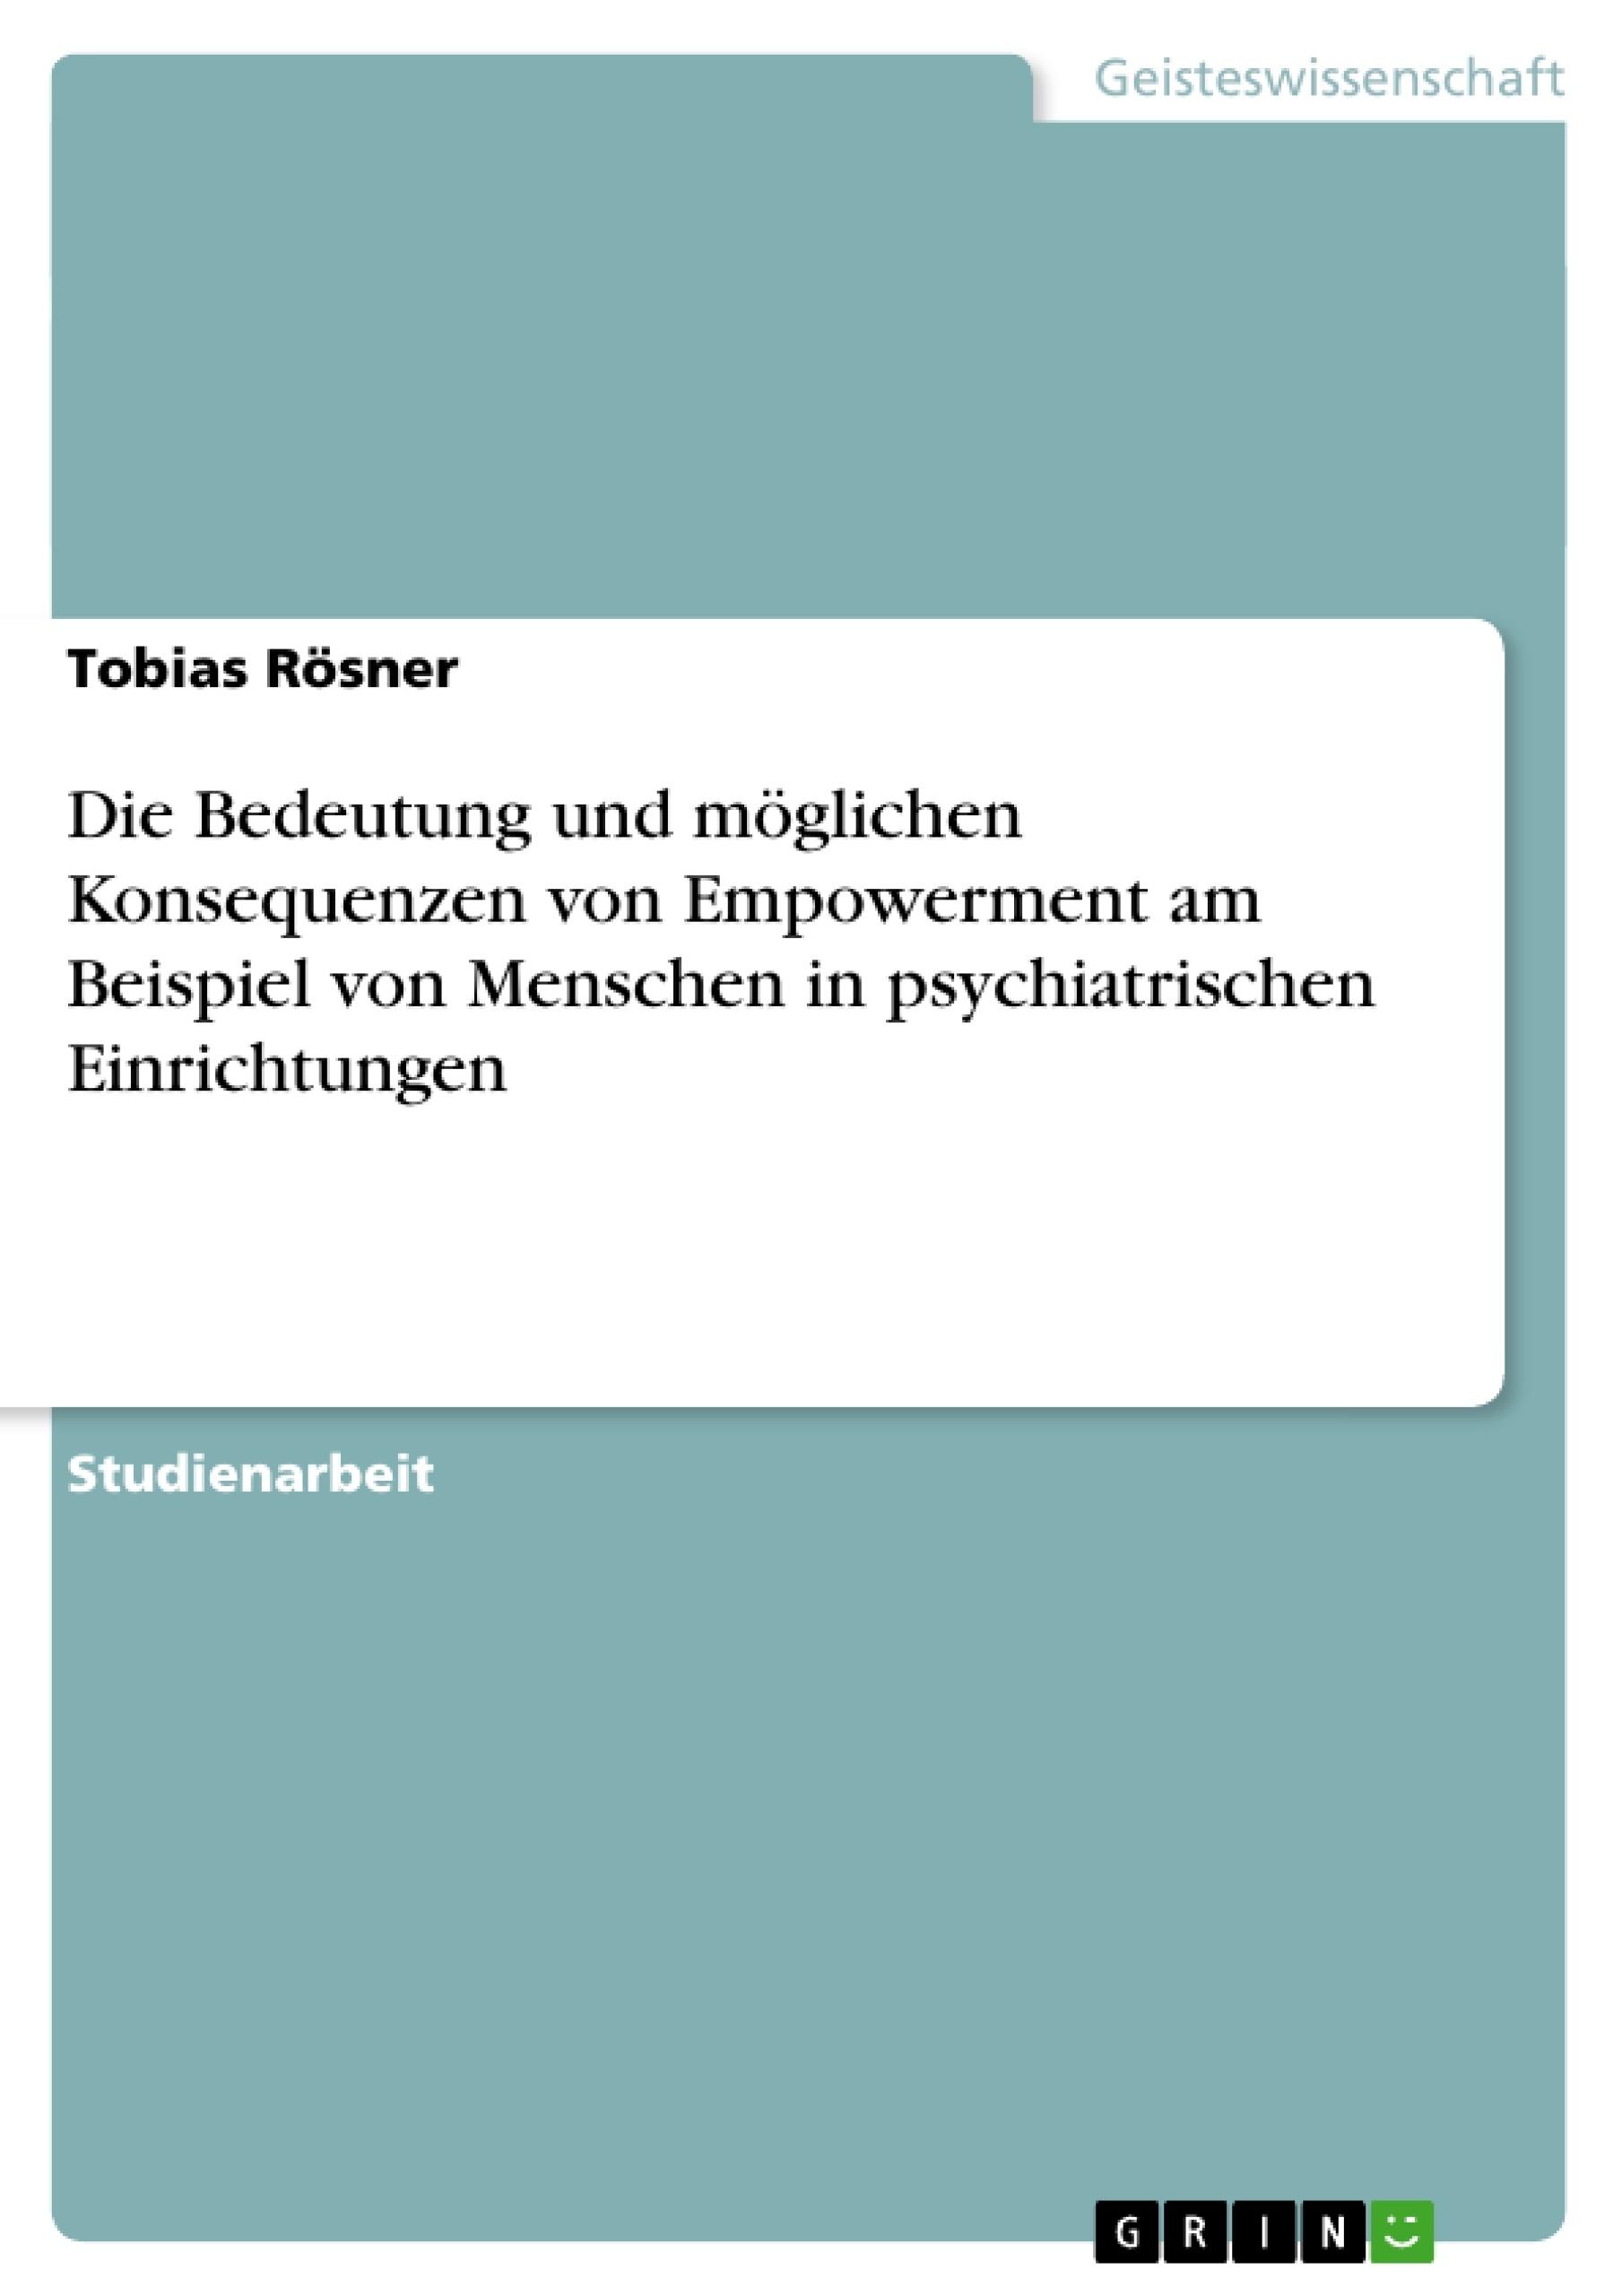 Titel: Die Bedeutung und möglichen Konsequenzen von Empowerment am Beispiel von Menschen in psychiatrischen Einrichtungen